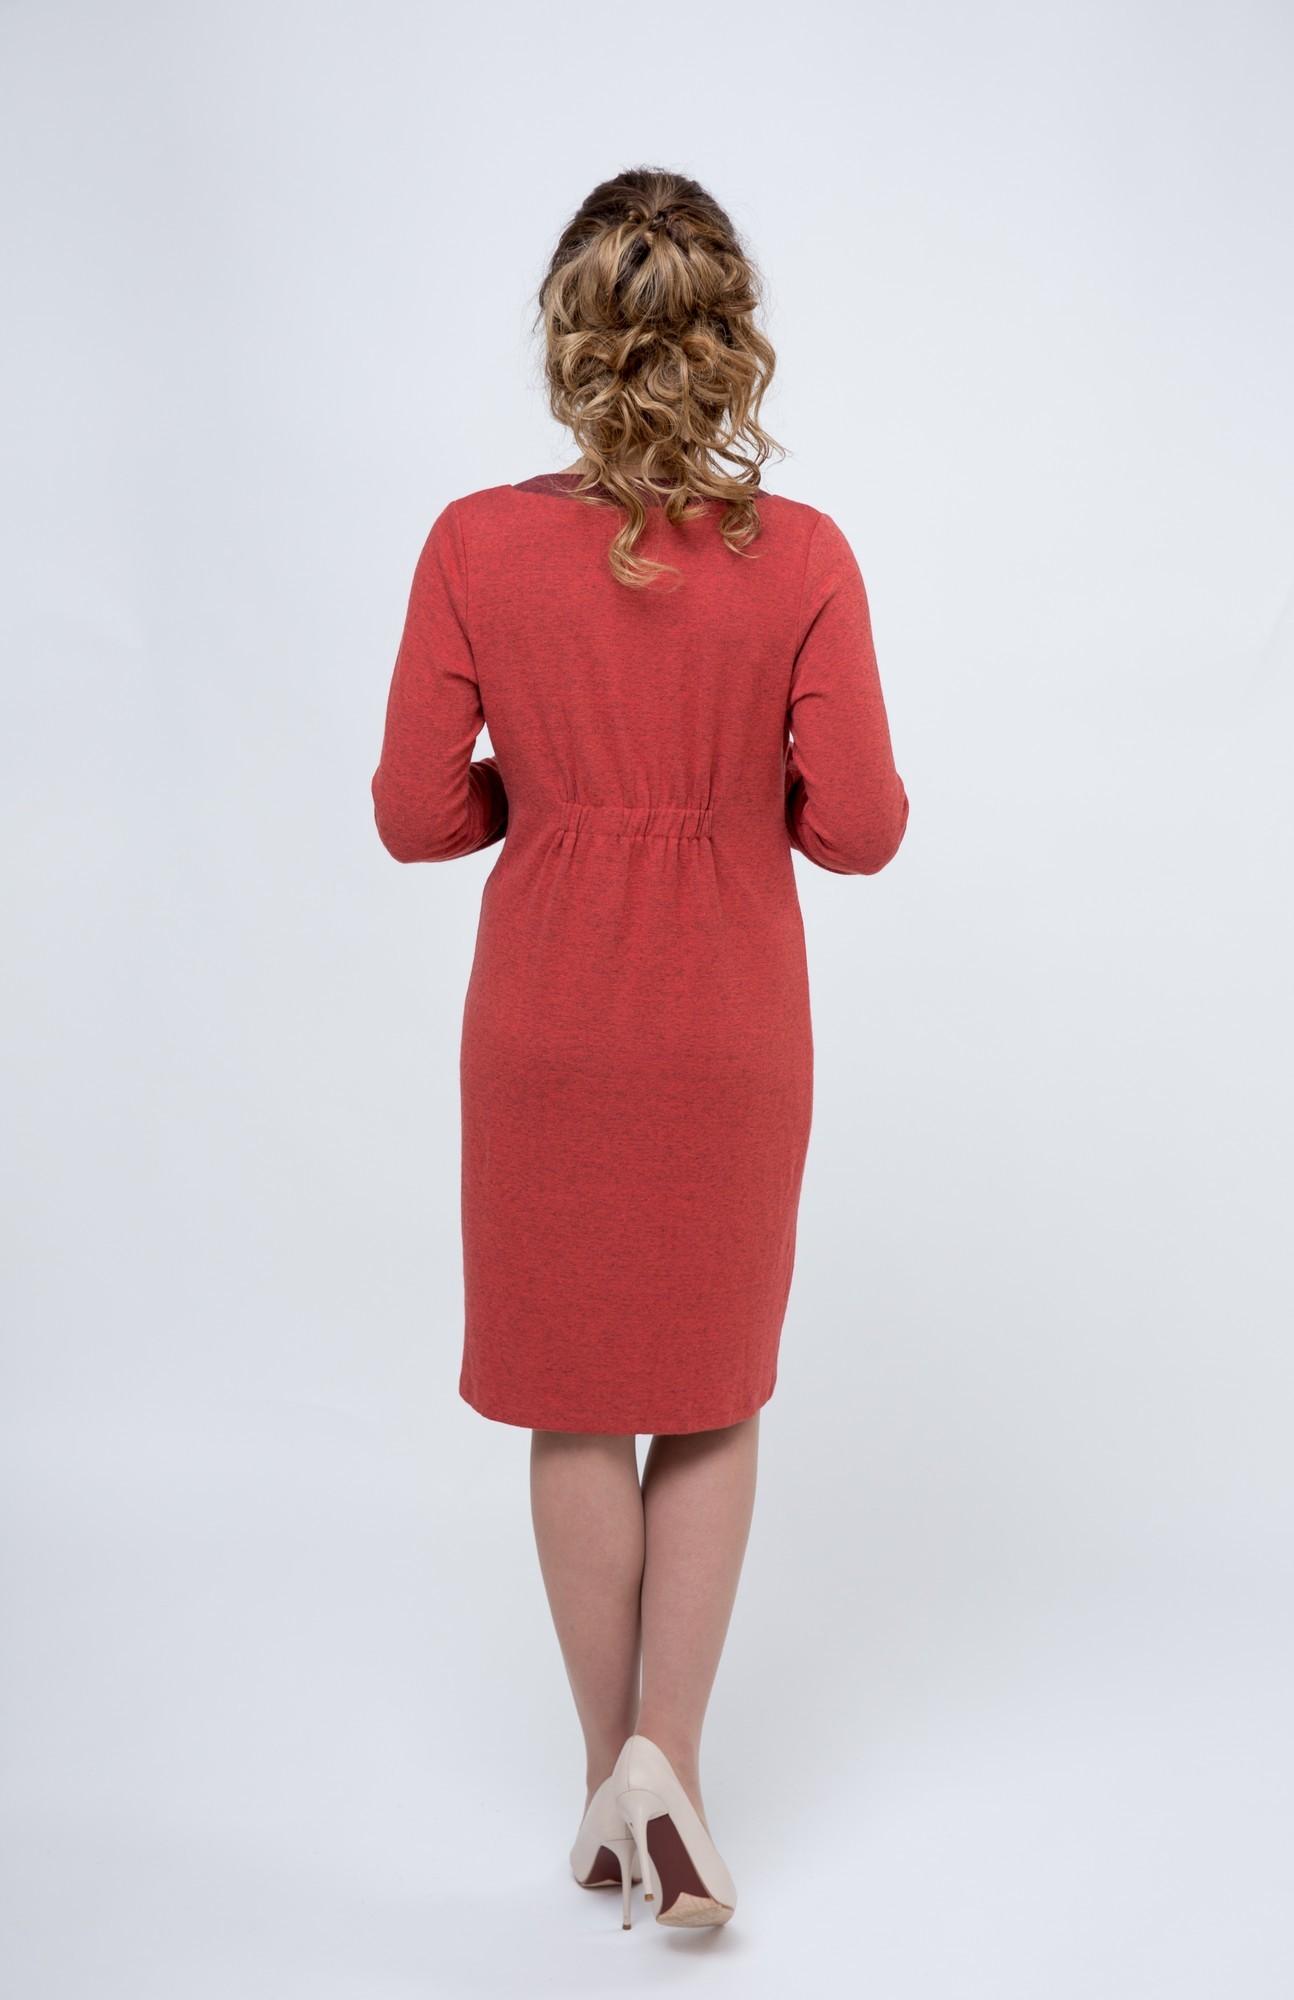 Фото платье для беременных и кормящих GEMKO от магазина СкороМама, красный, размеры.